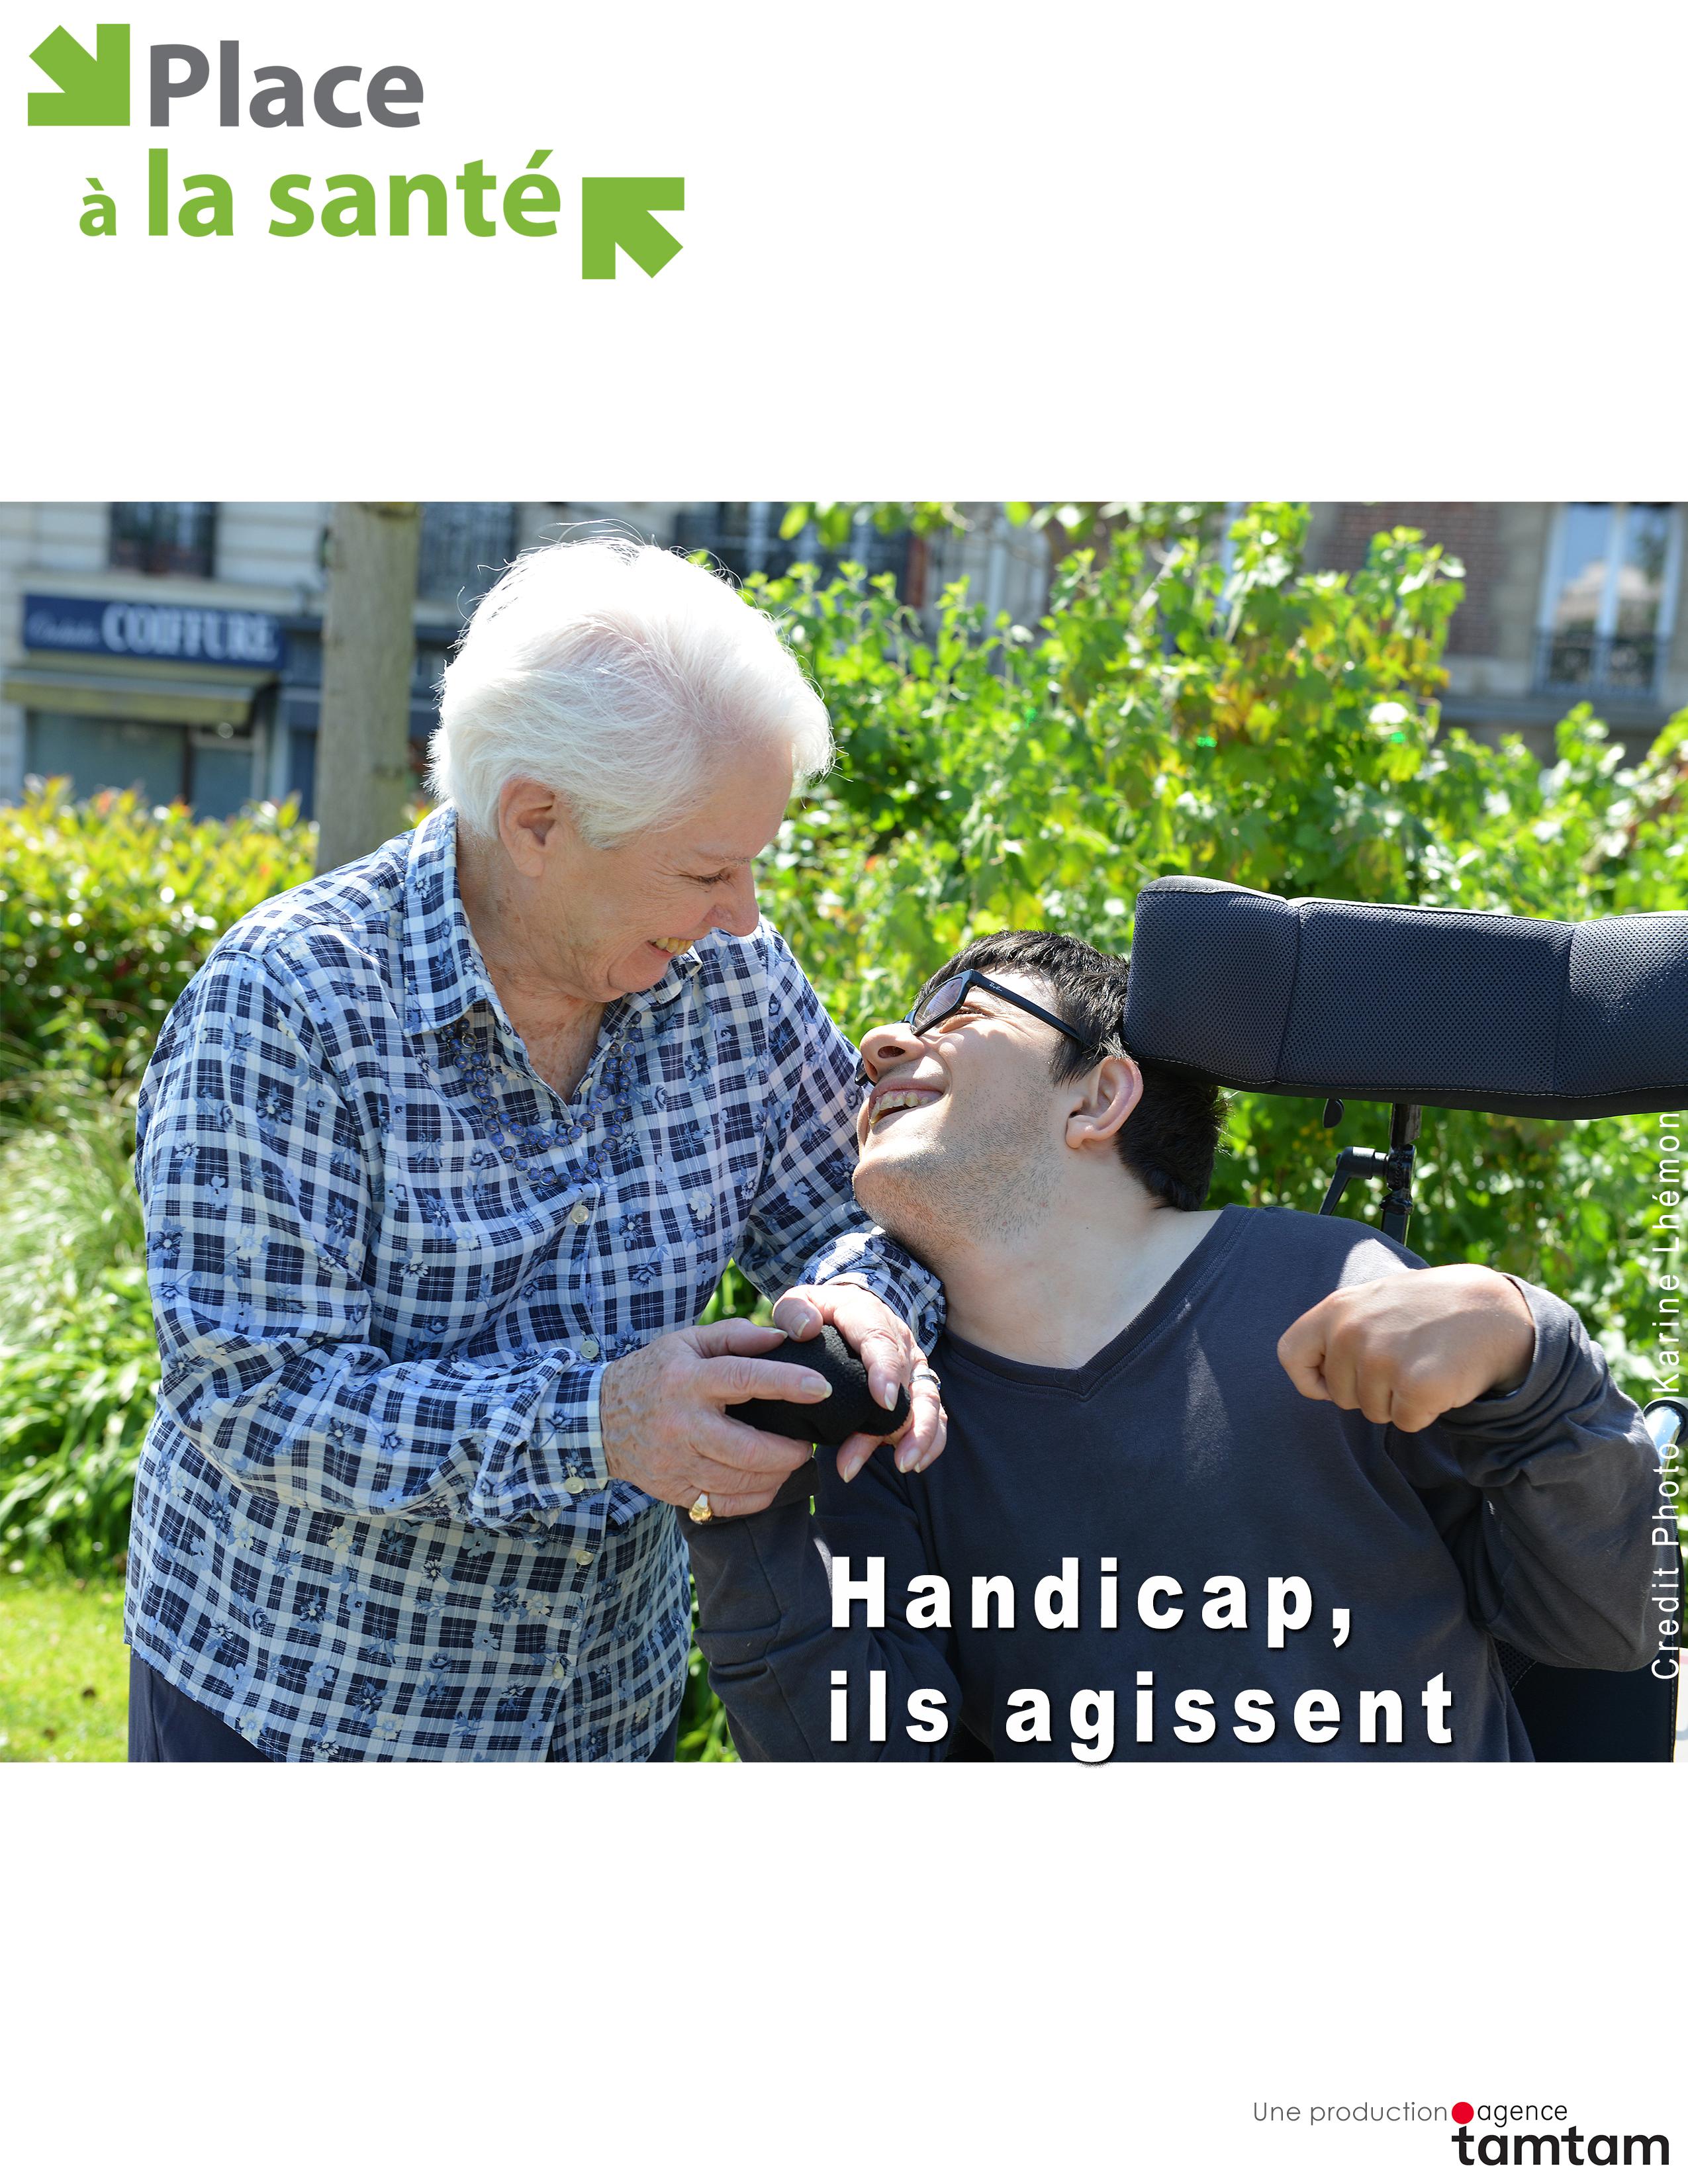 Handicap: ils agissent